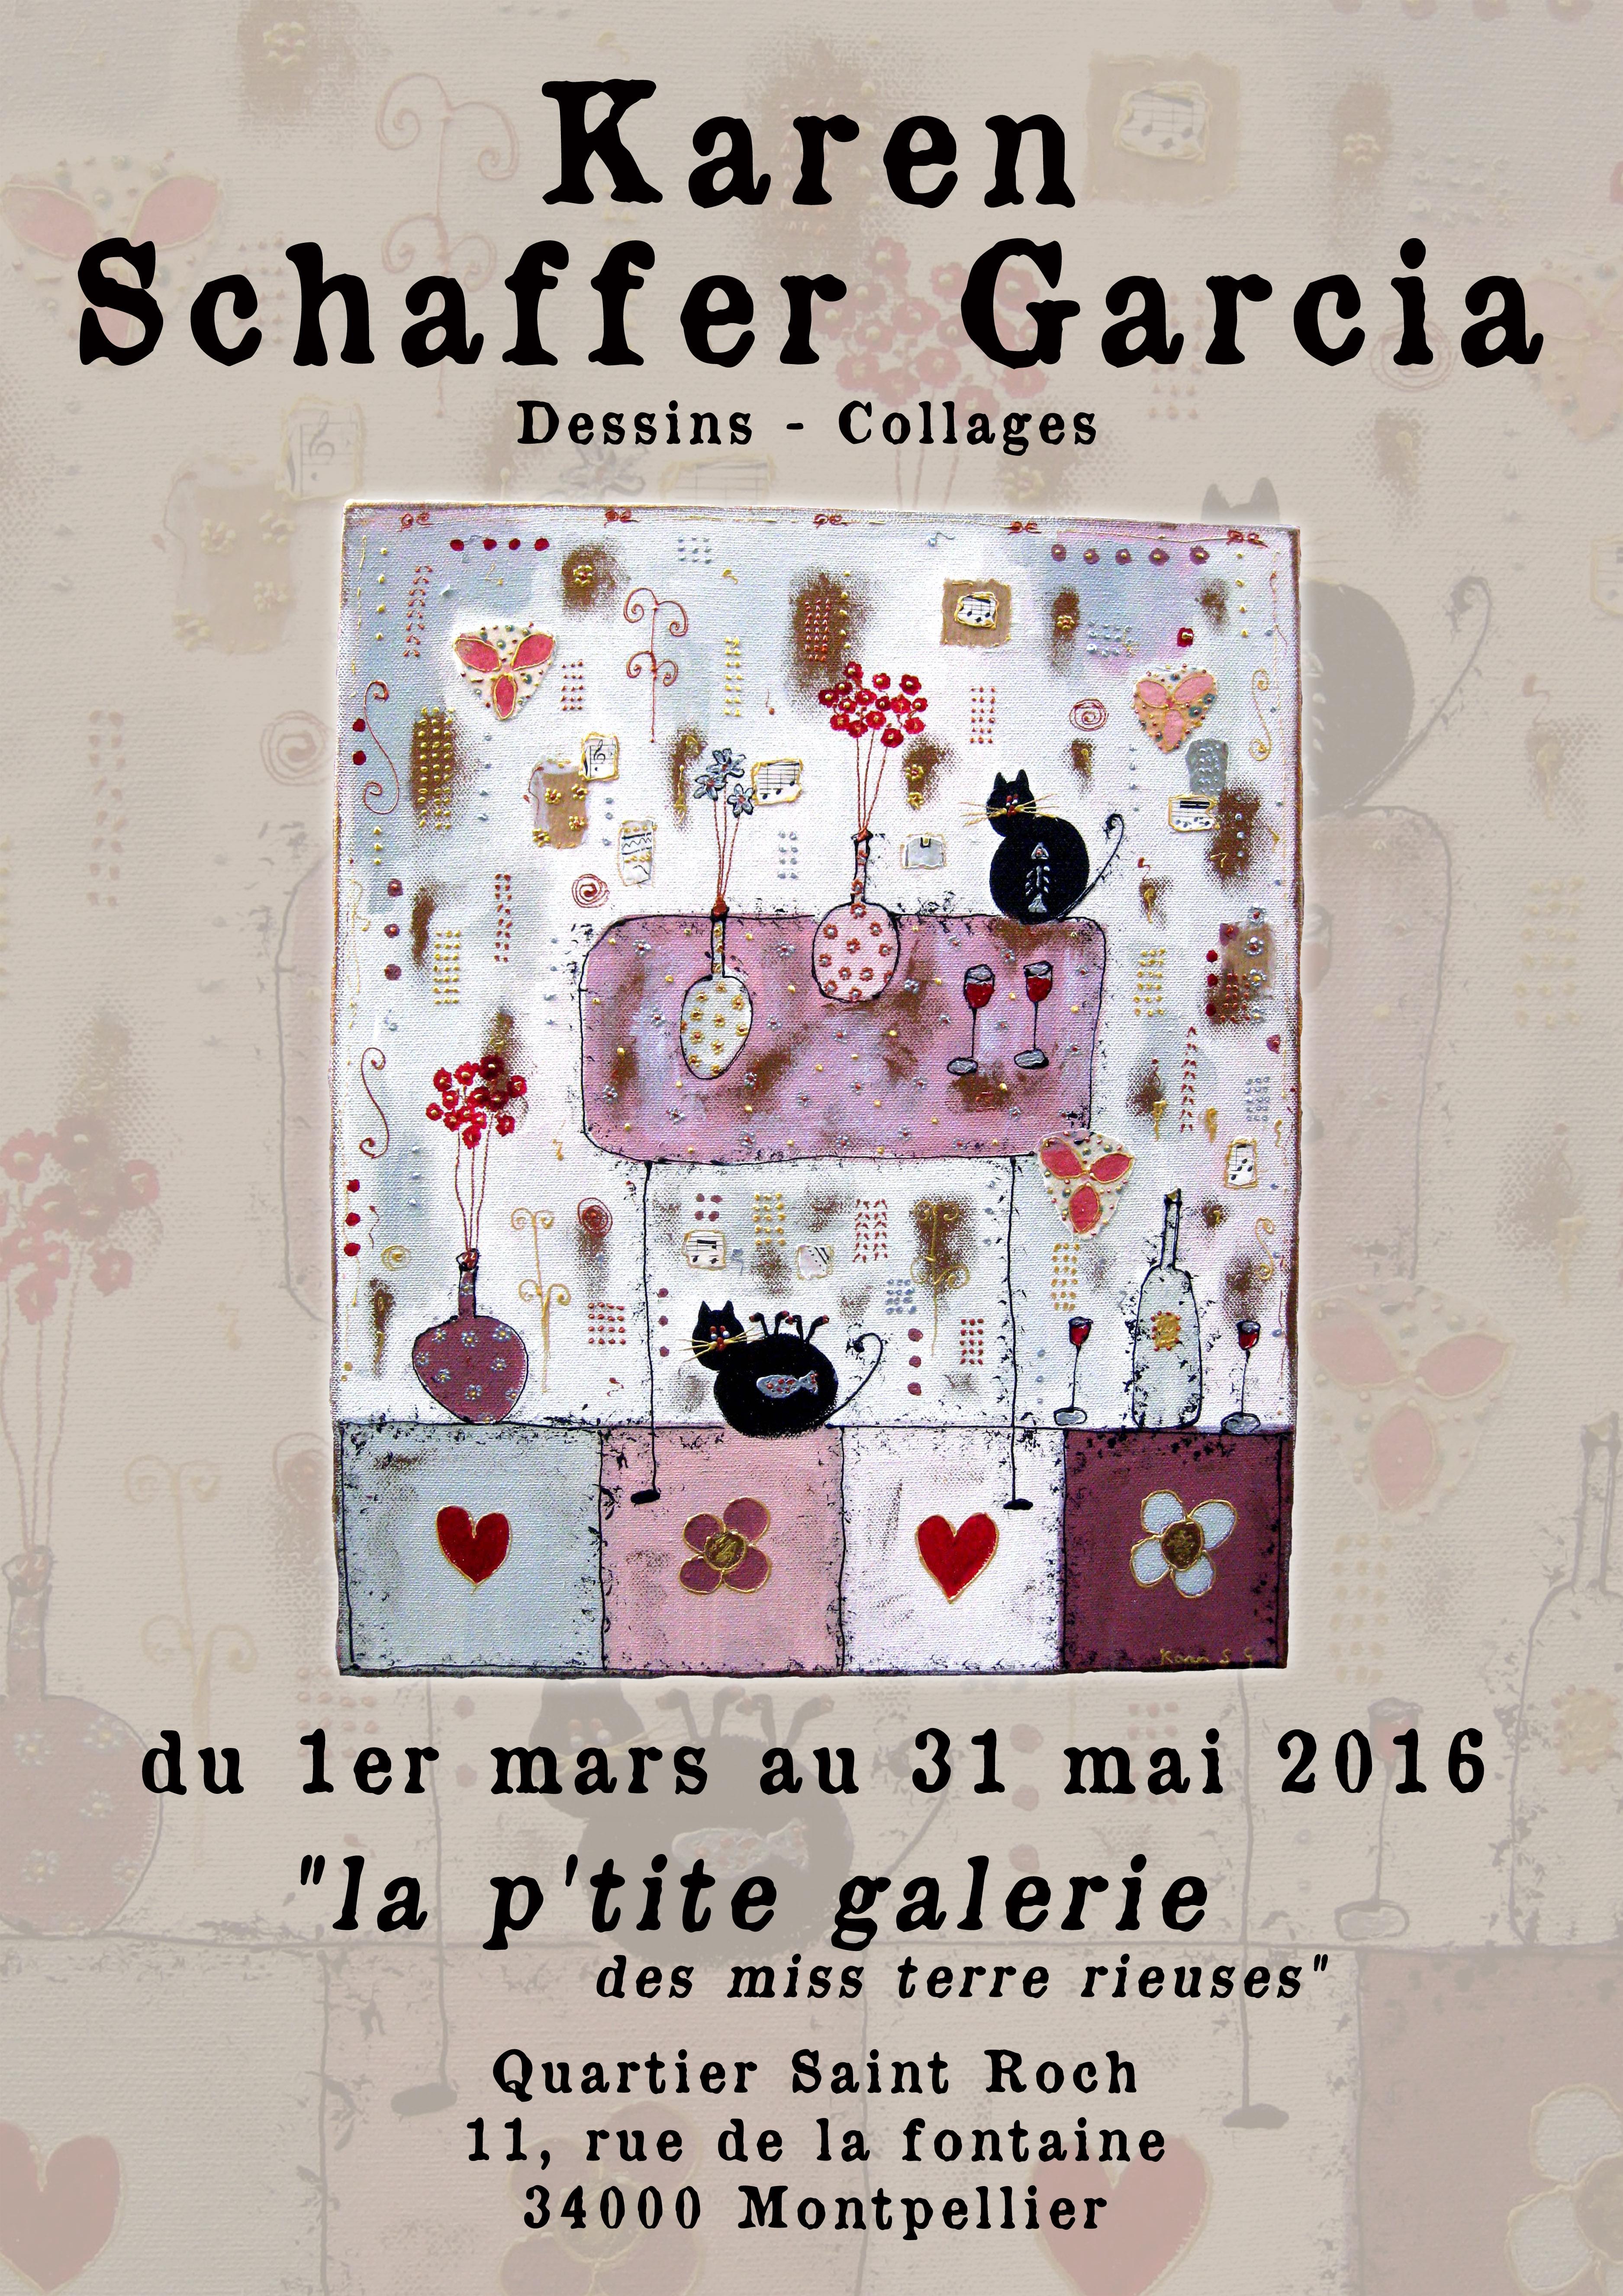 La petite galerie des miss terre rieuses invite Karen Schaffer-Garcia et Elisabeth Masson à exposer – 1er mars au 31 mais 2016 – quartier St Roch